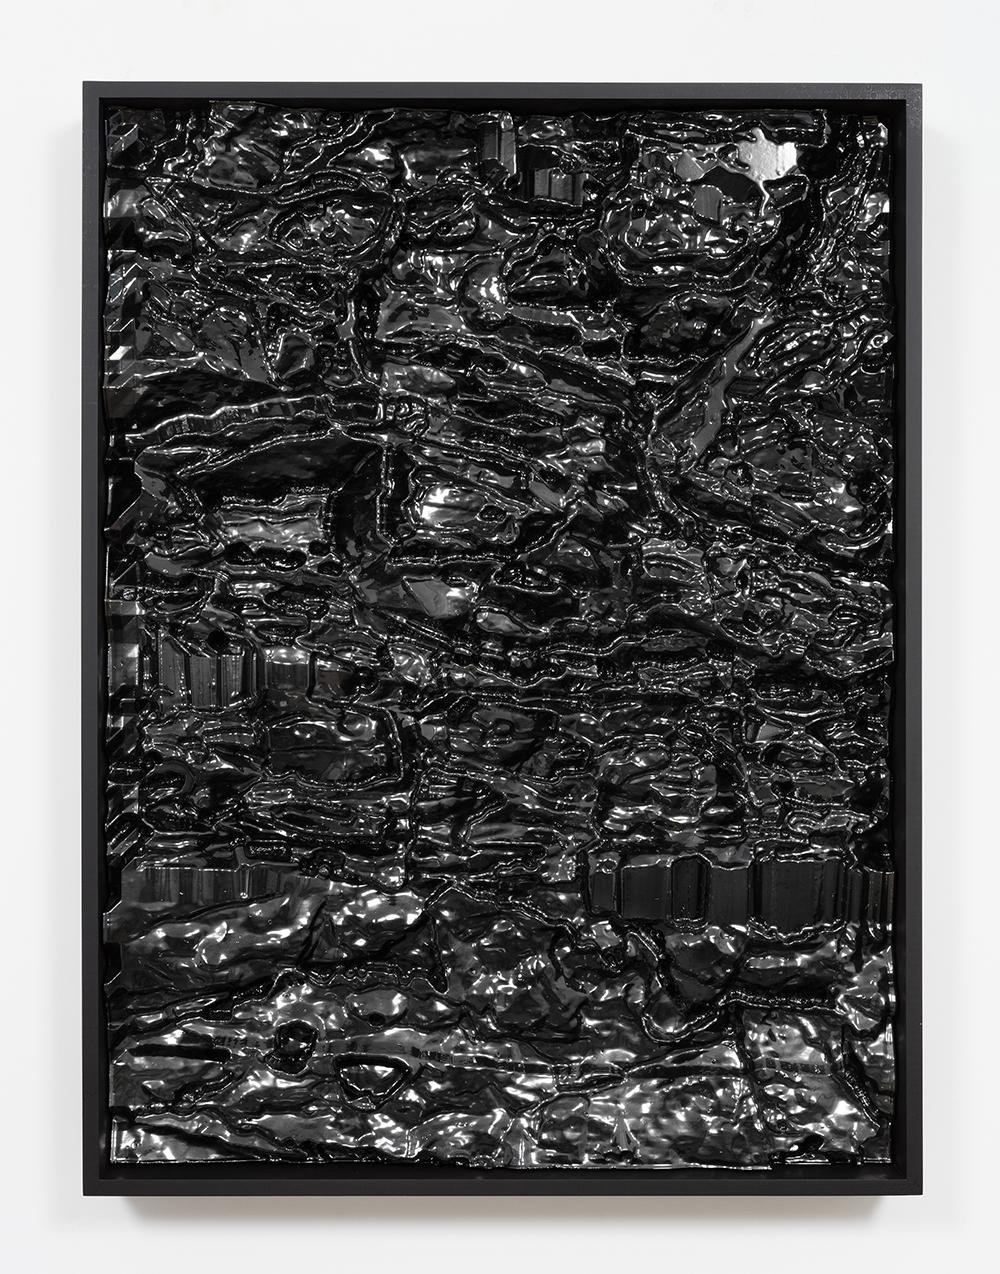 Michael Staniak, Solid State, Melbourne, Steve Turner, Los Angeles, Australian artist, contemporary art, digital art, Australian painter, IMG, BMP, 3d router, bronze sculpture, Banteay Srei, Anytime Anywhere, flags, flag, banner, tribe, internet, net art